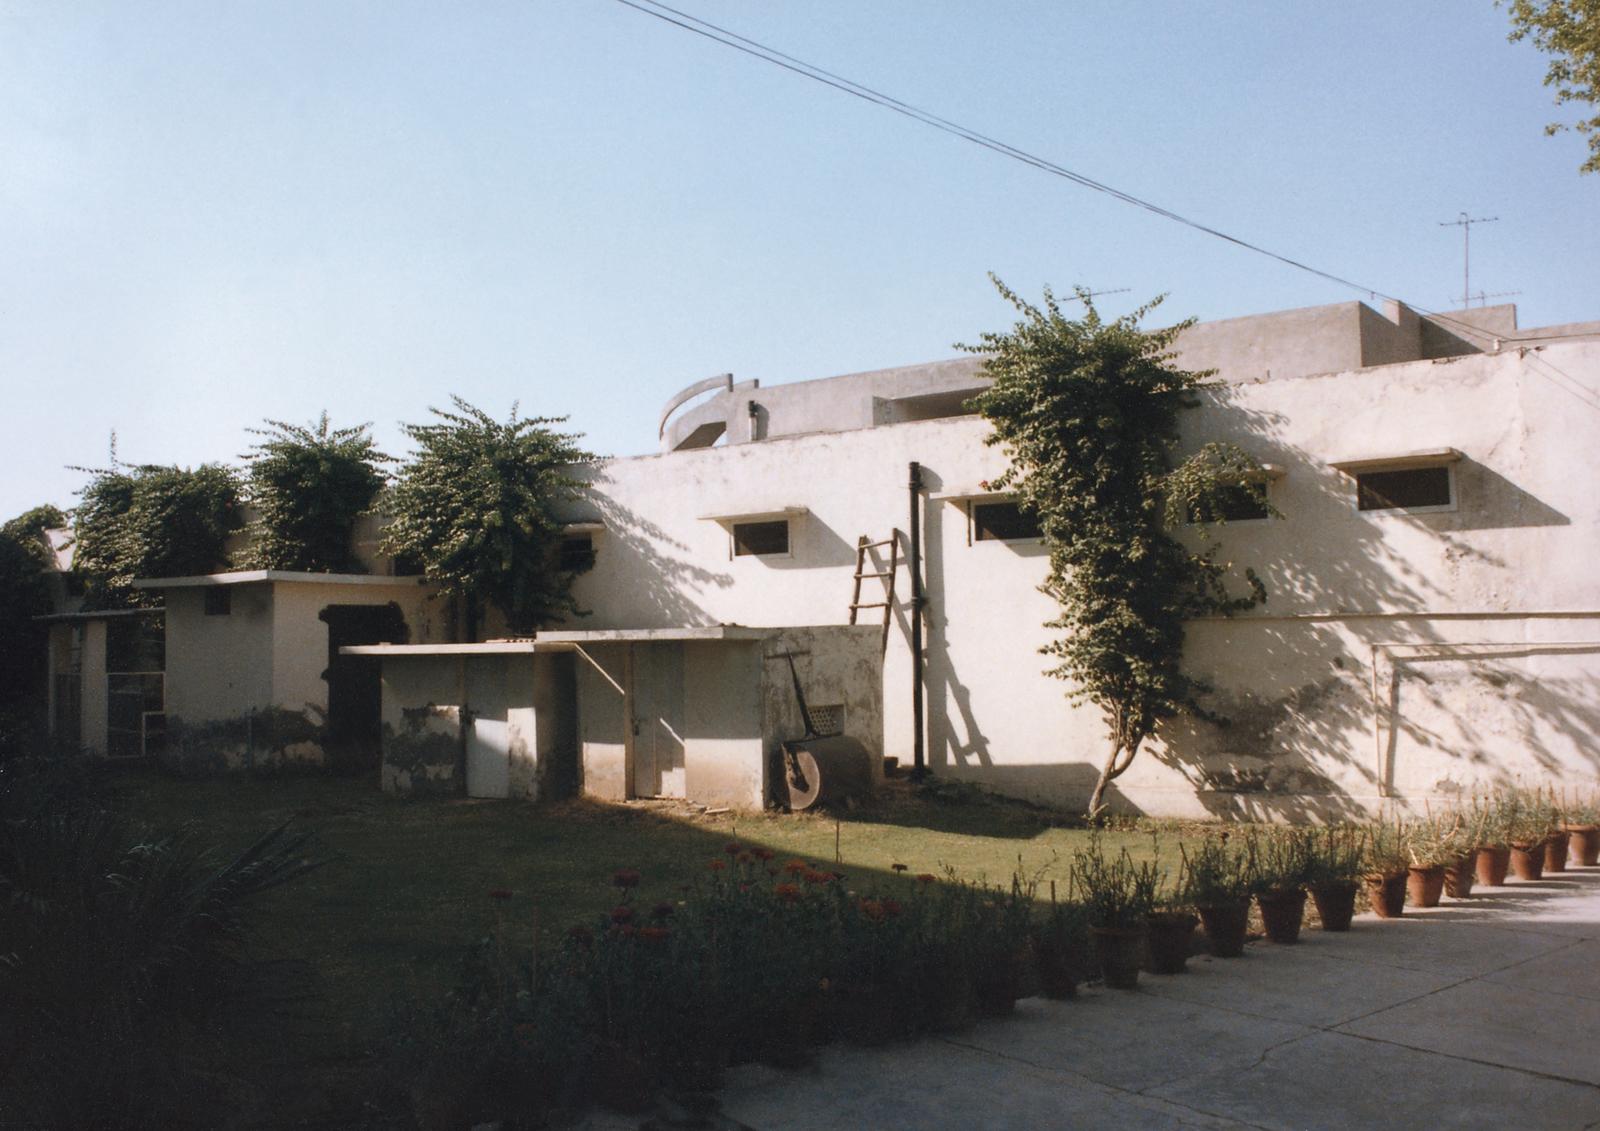 Lahore - Multi-Unit Residential Building - 1985